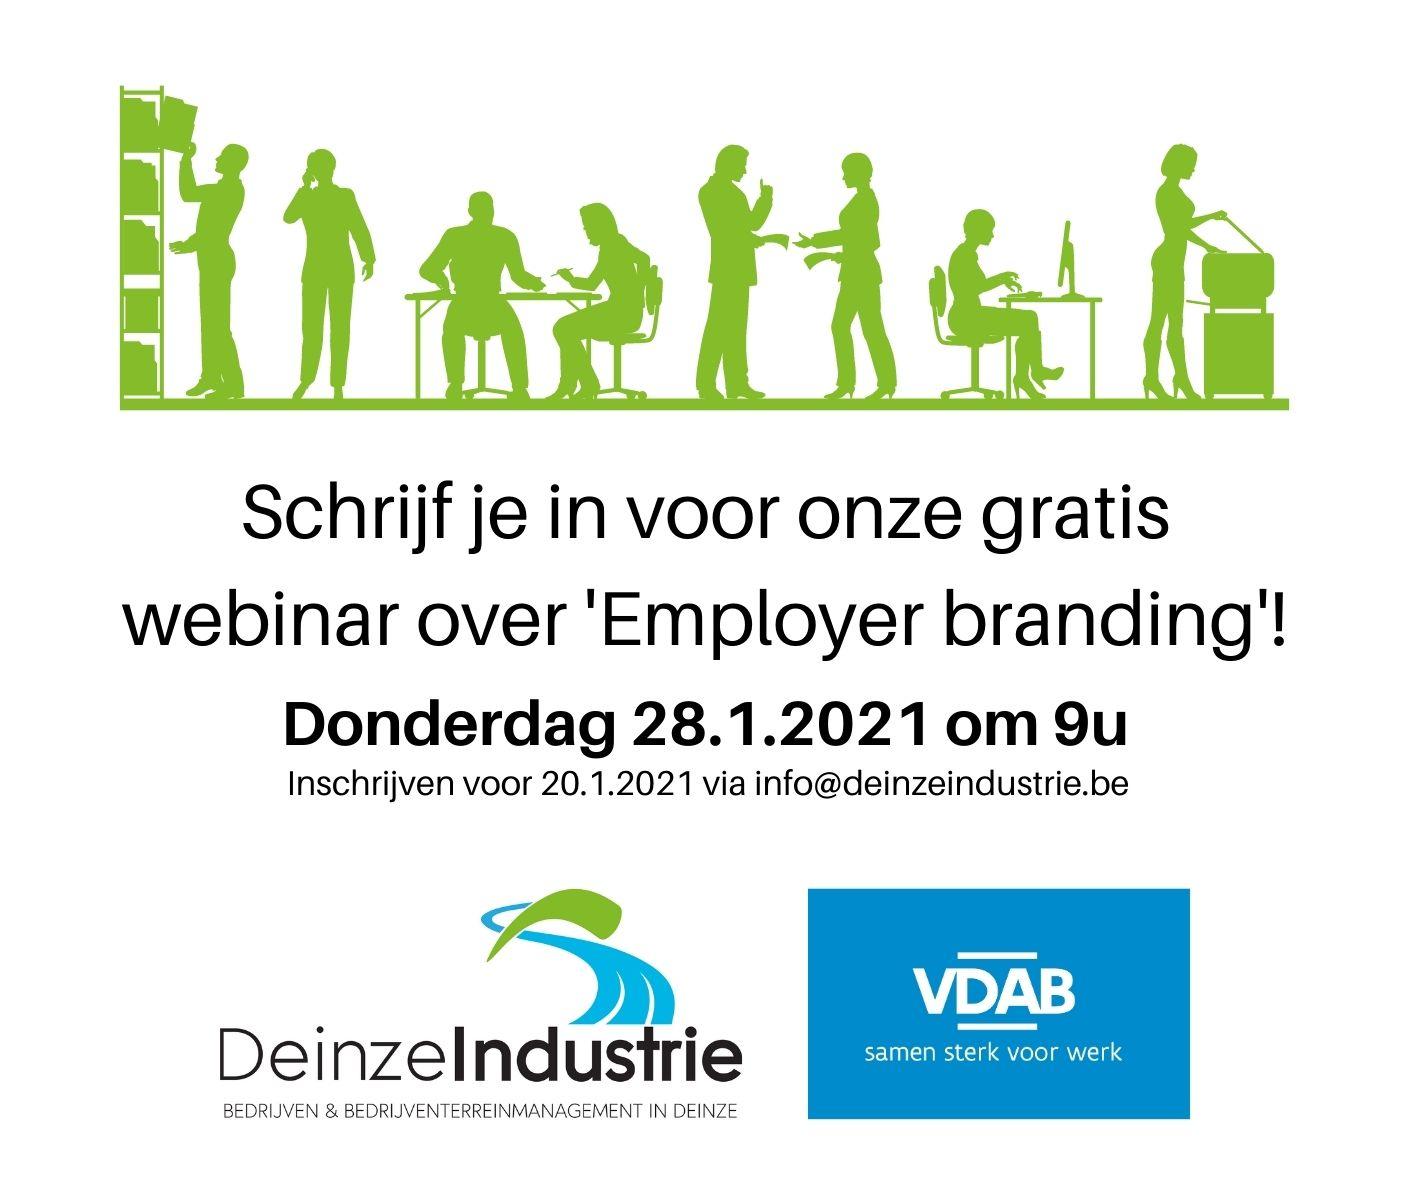 Deinze_Industrie_persbericht_04_01_21_FB-post.jpg